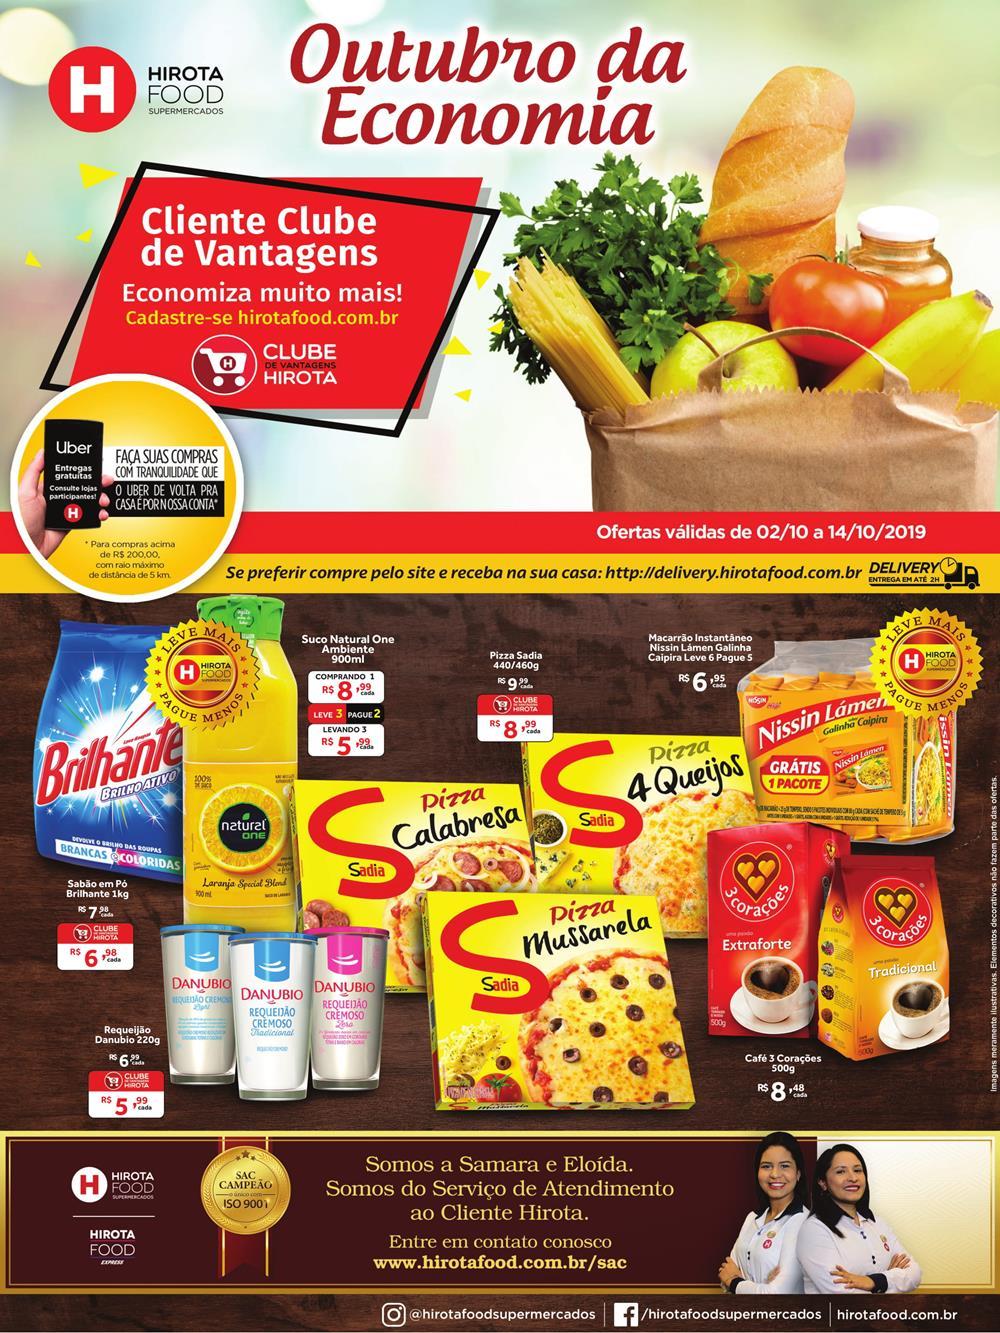 Ofertas-hirota1-1 Ofertas de supermercados - Black Friday 2019